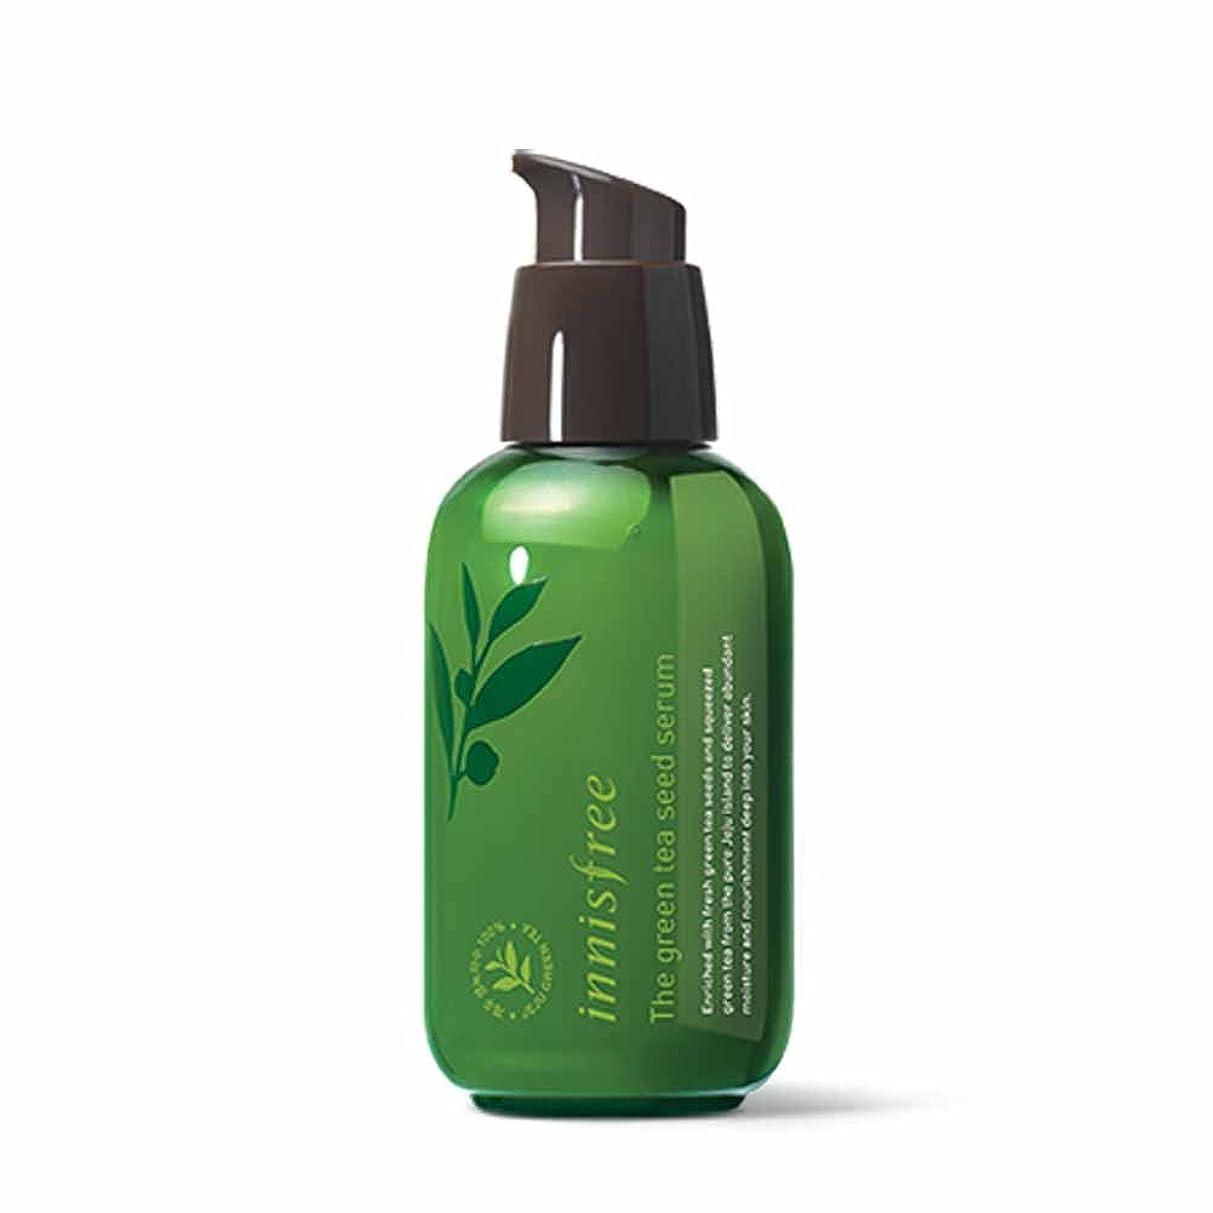 無意味歌うキノコイニスフリーグリーンティーセーム80ml Innisfree The Green Tea Seed serum 80ml [海外直送品][並行輸入品]